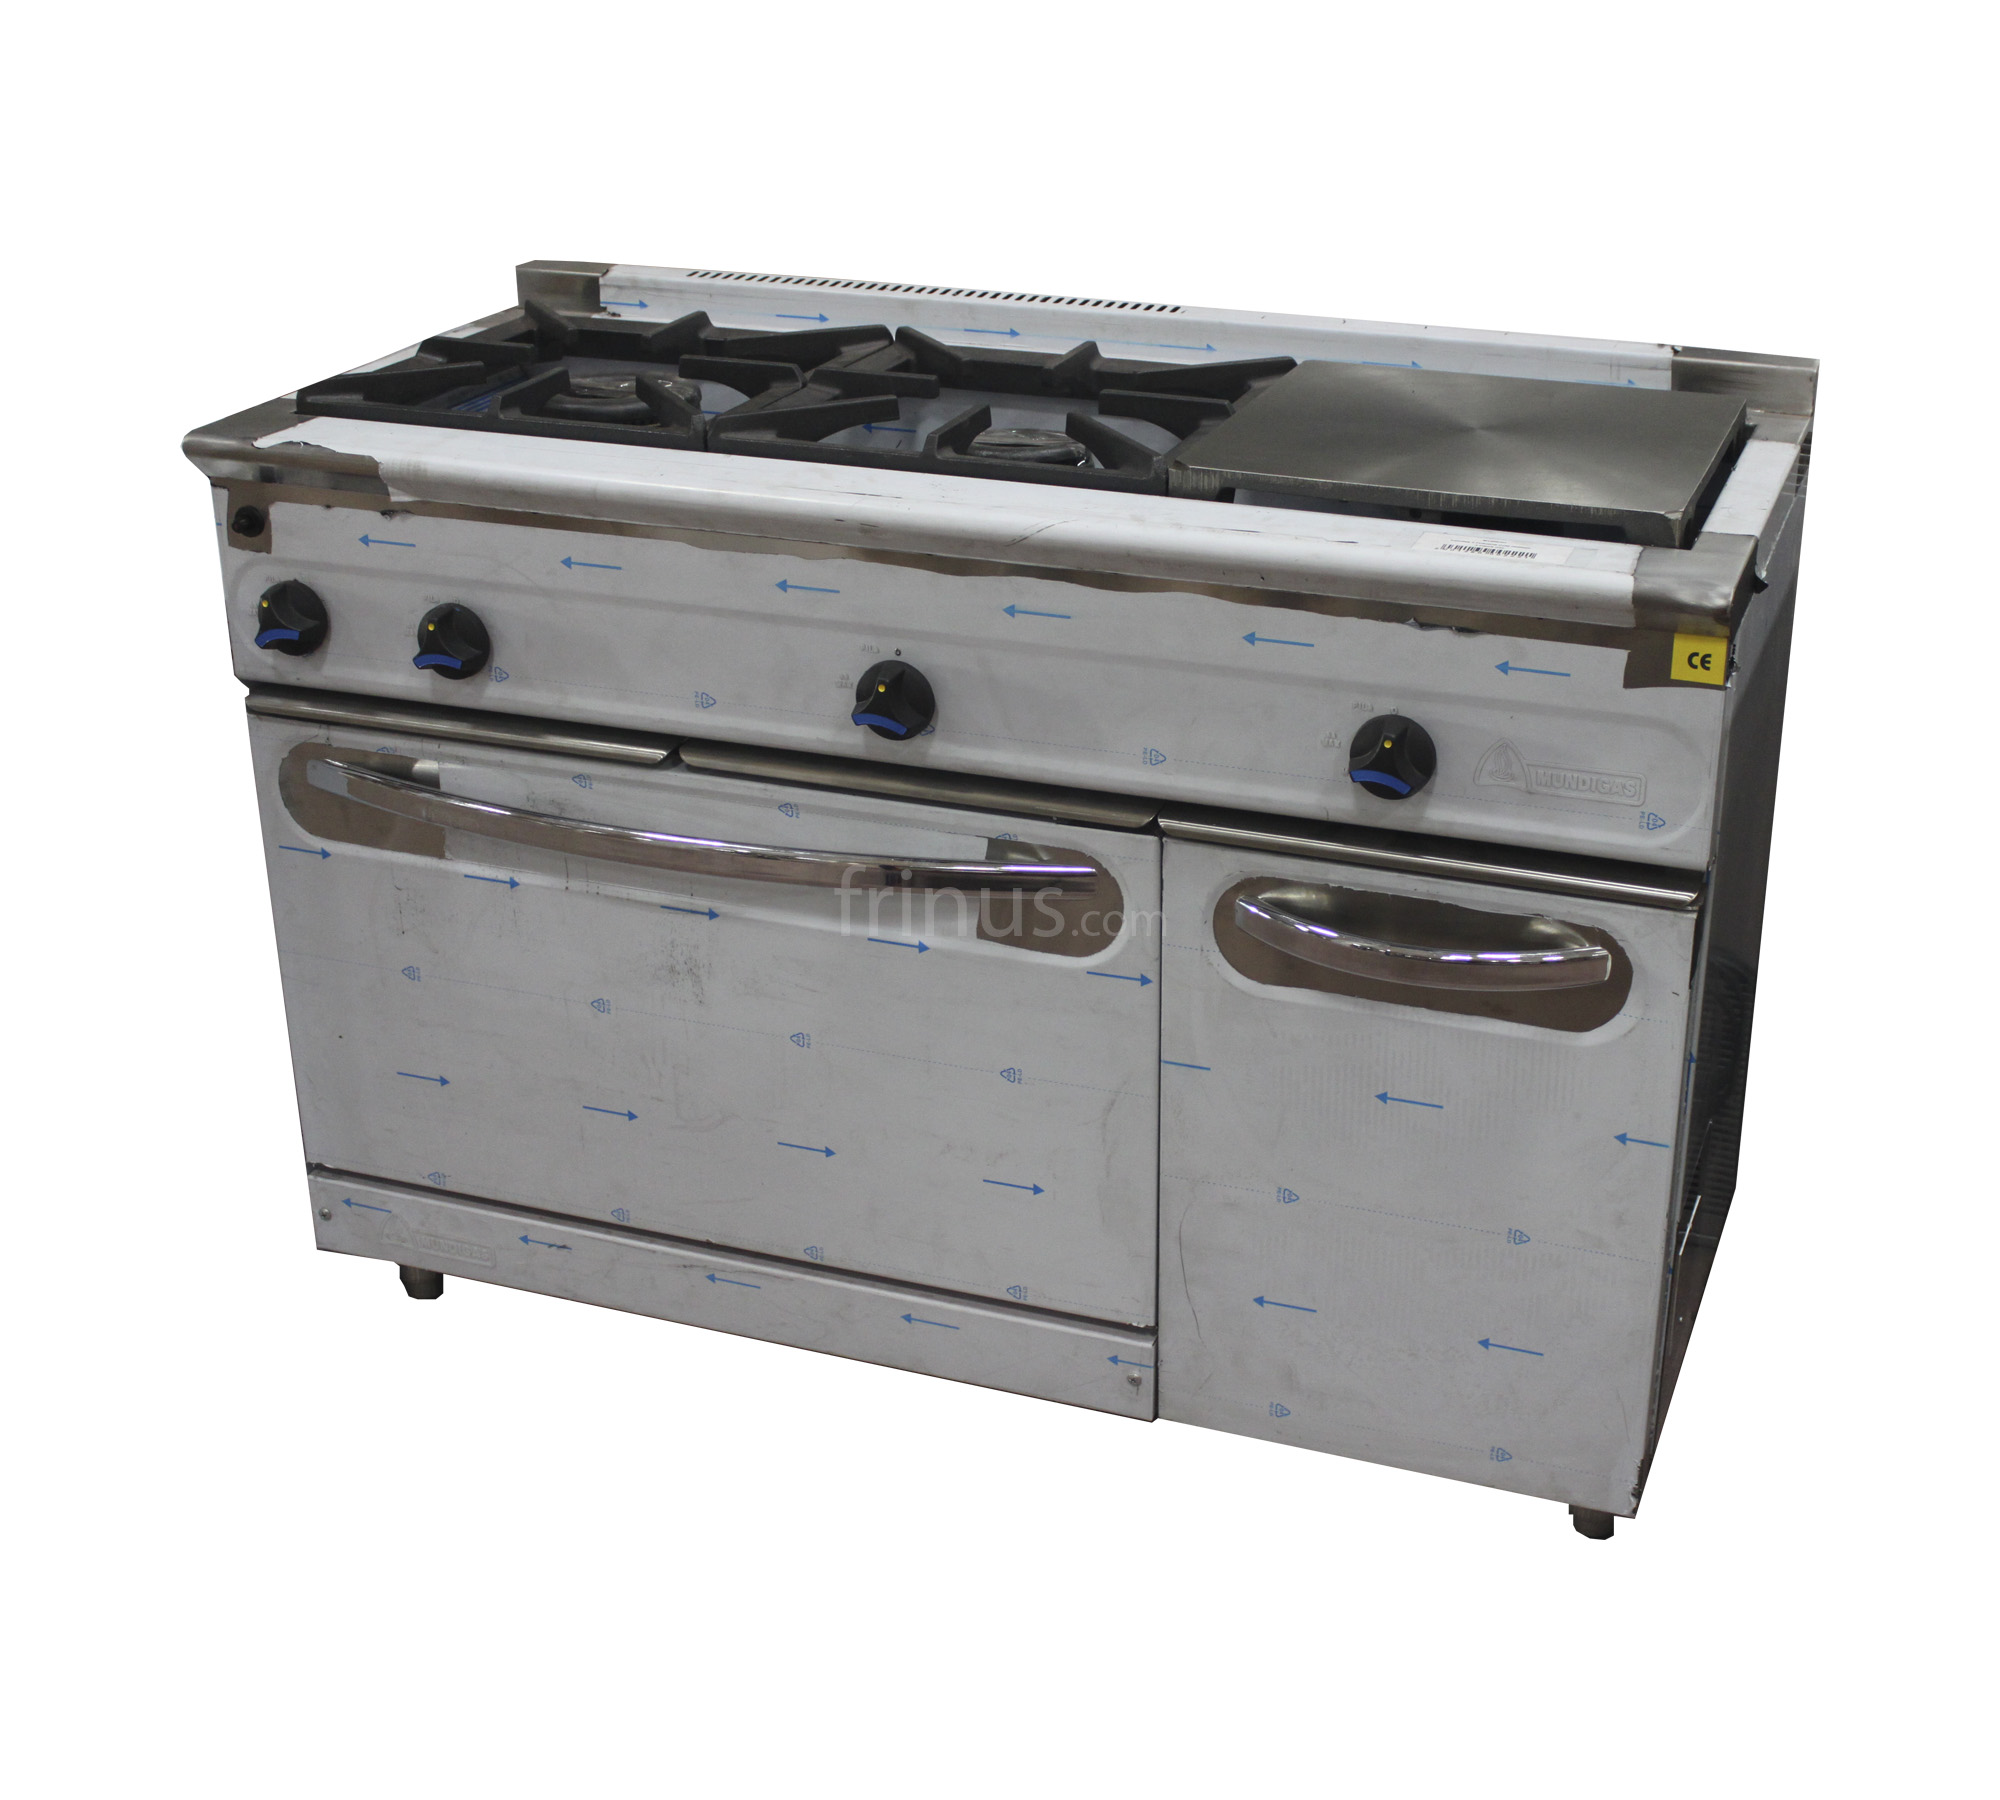 Cocina a gas 3 fuegos con horno maquinaria hosteler a segunda mano - Cocina gas 3 fuegos ...